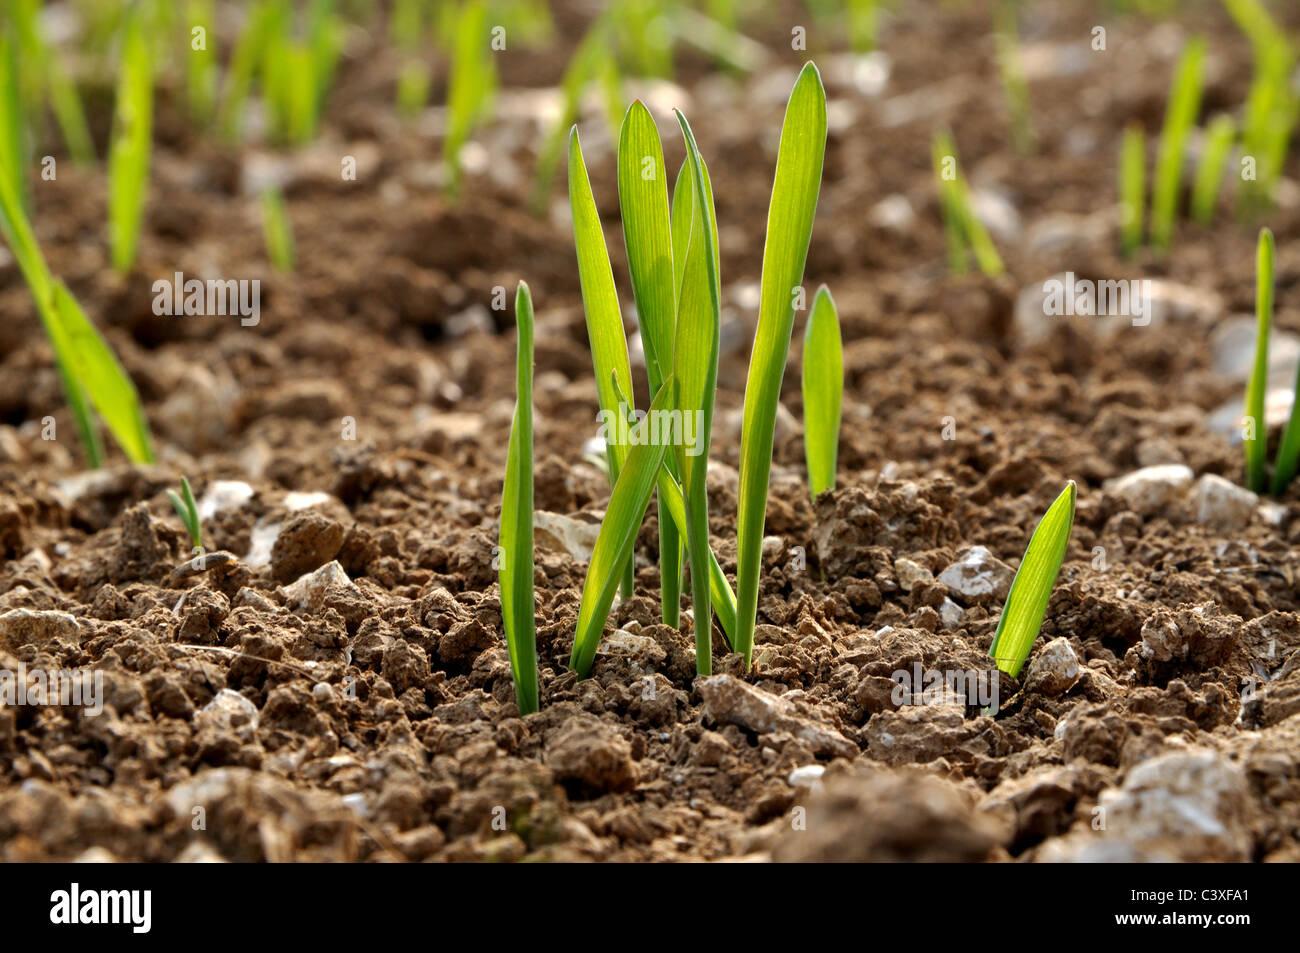 Wintwe barley plants - Stock Image